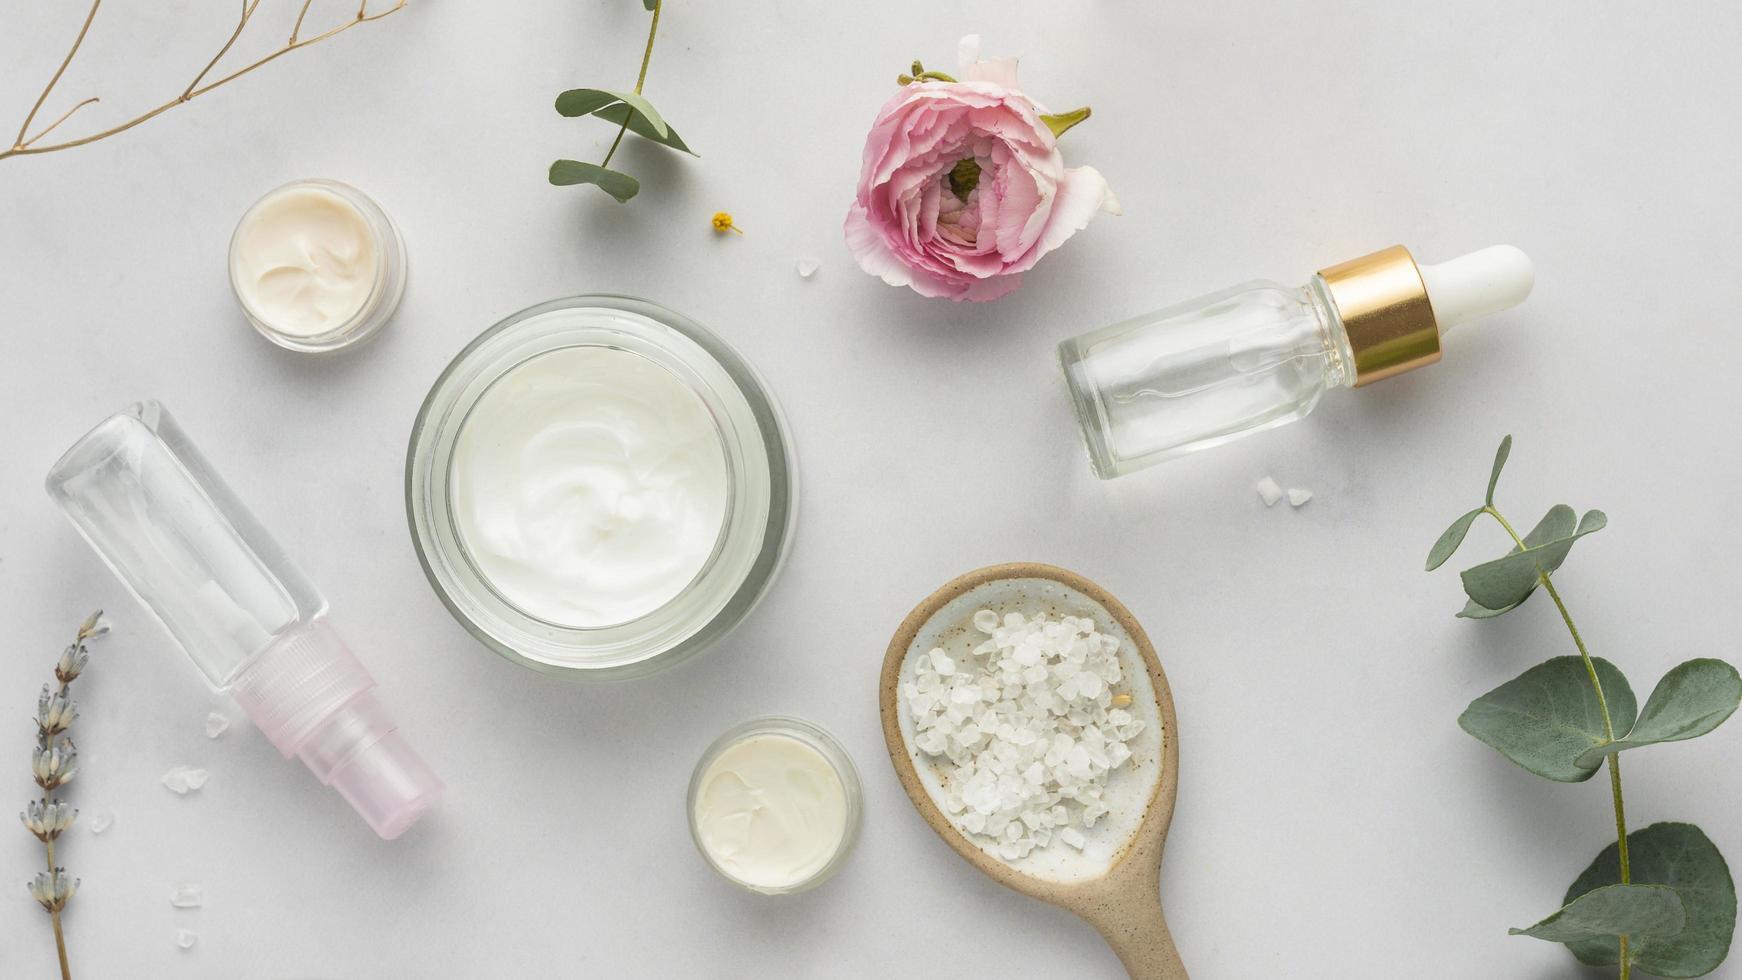 crema per il viso e fiori su sfondo bianco foto